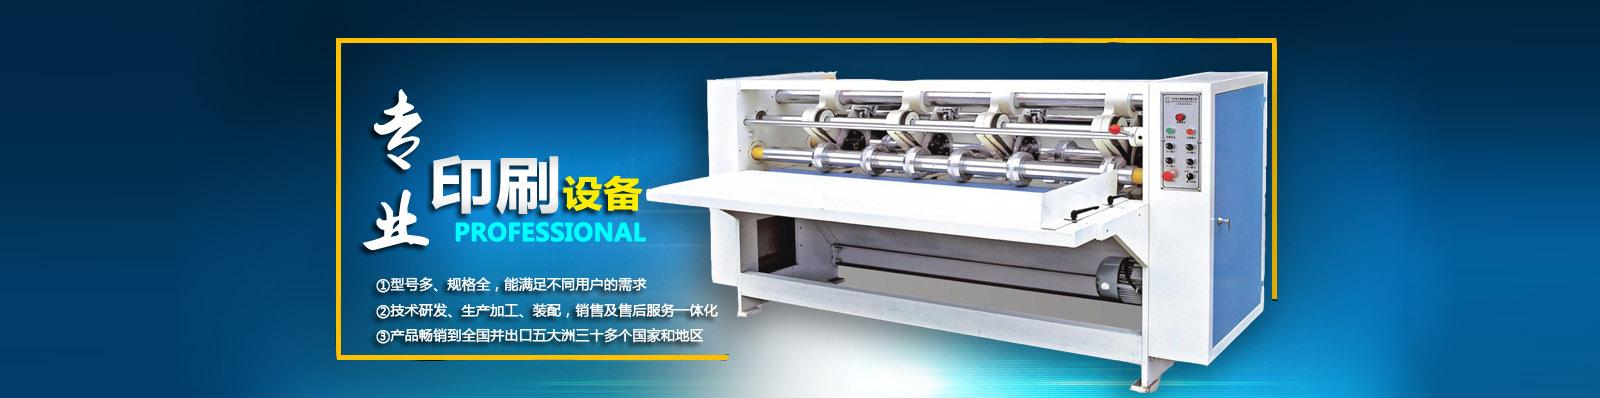 隆兴昌专业印刷设备生产厂家